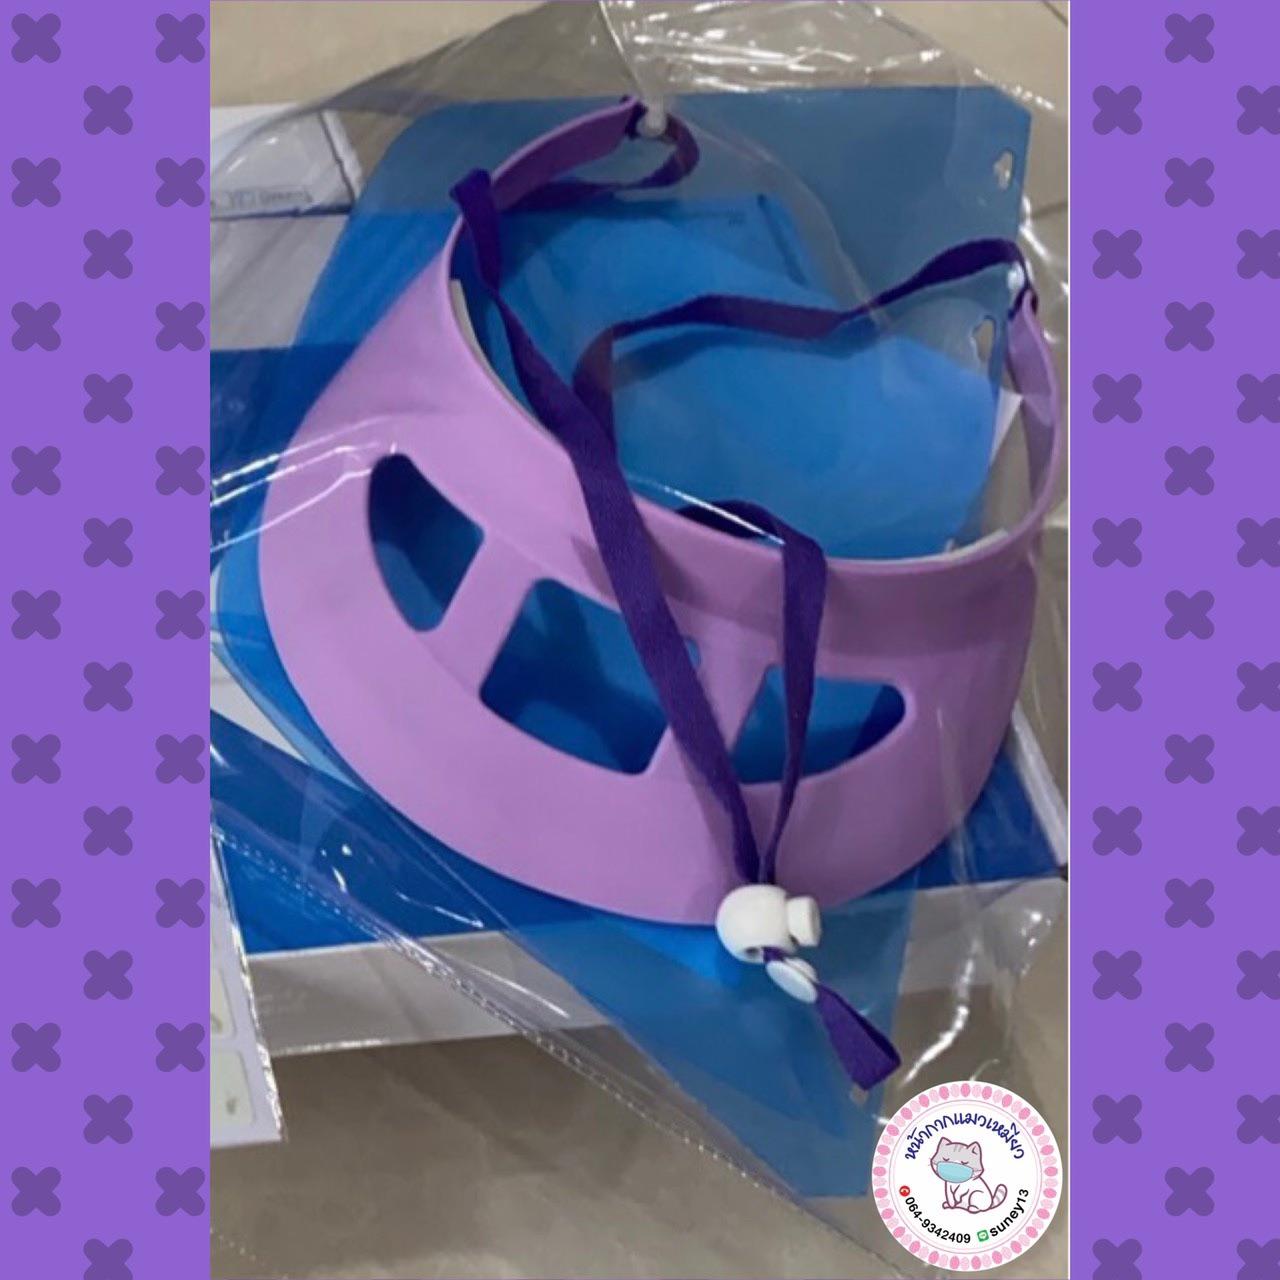 Face shield Permadent แบบหมวกกันกระเด็น ⭐️ราคาพิเศษ?ป้องกันการฟุ้งกระจายของสารคัดหลั่งทั้งด้านหน้า และด้านบนศีรษะ✅ของแท้?%พร้อมส่งค่ะ